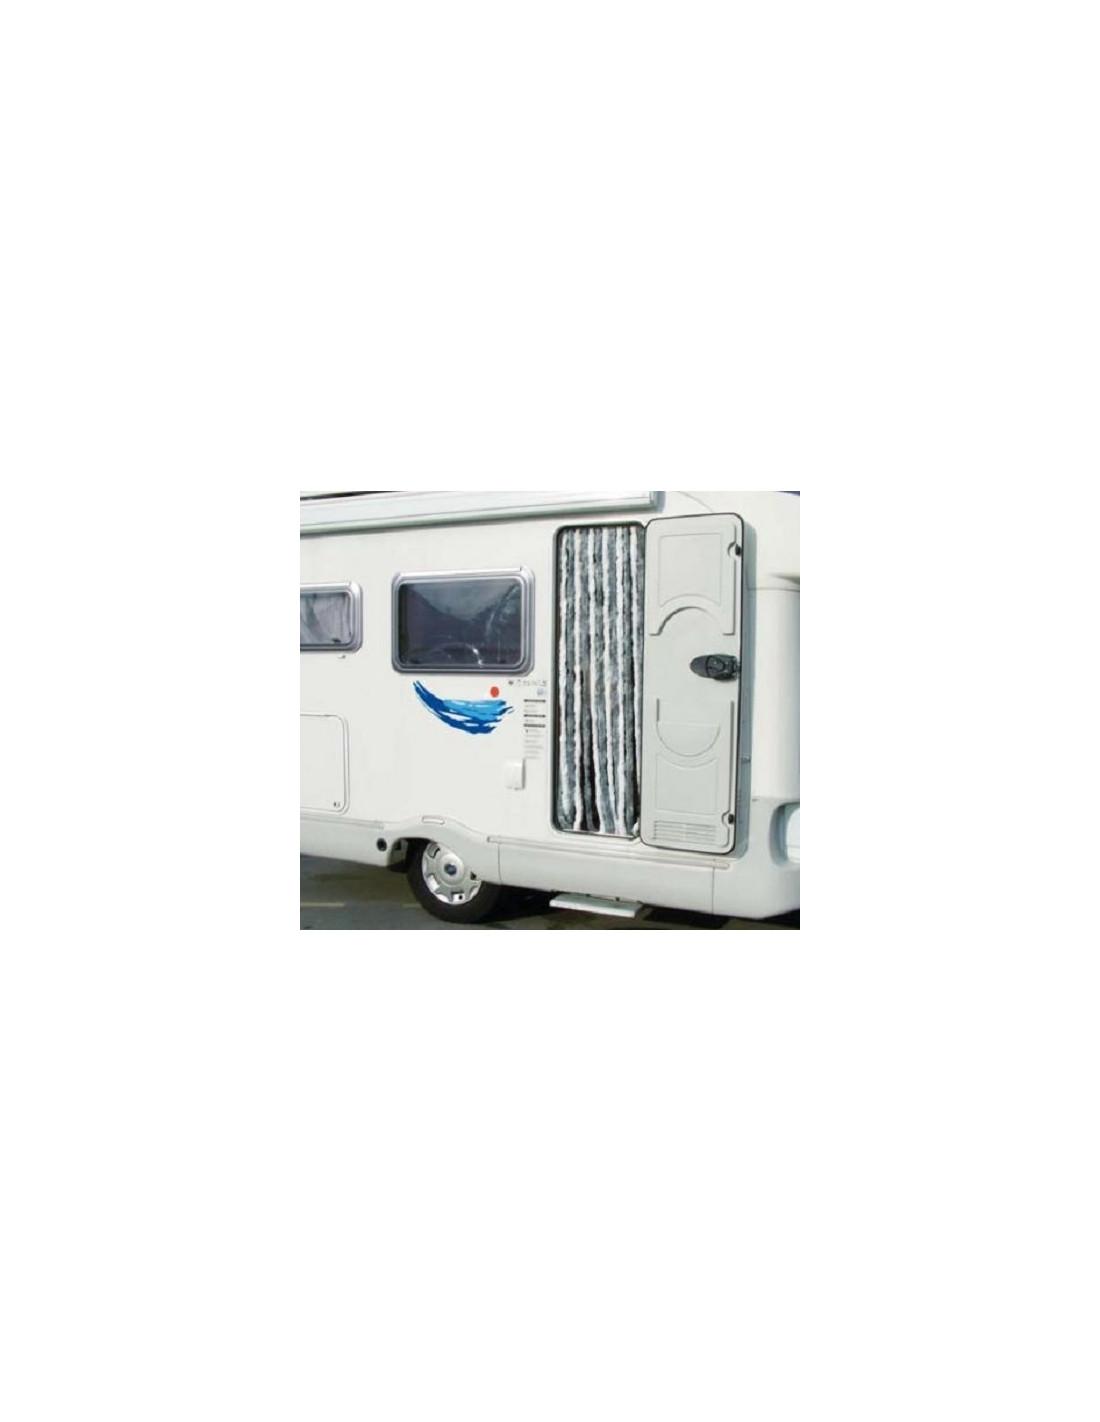 Cortina puerta caravana midland 56x185 cm gris y blanca for Cortinas grises y blancas